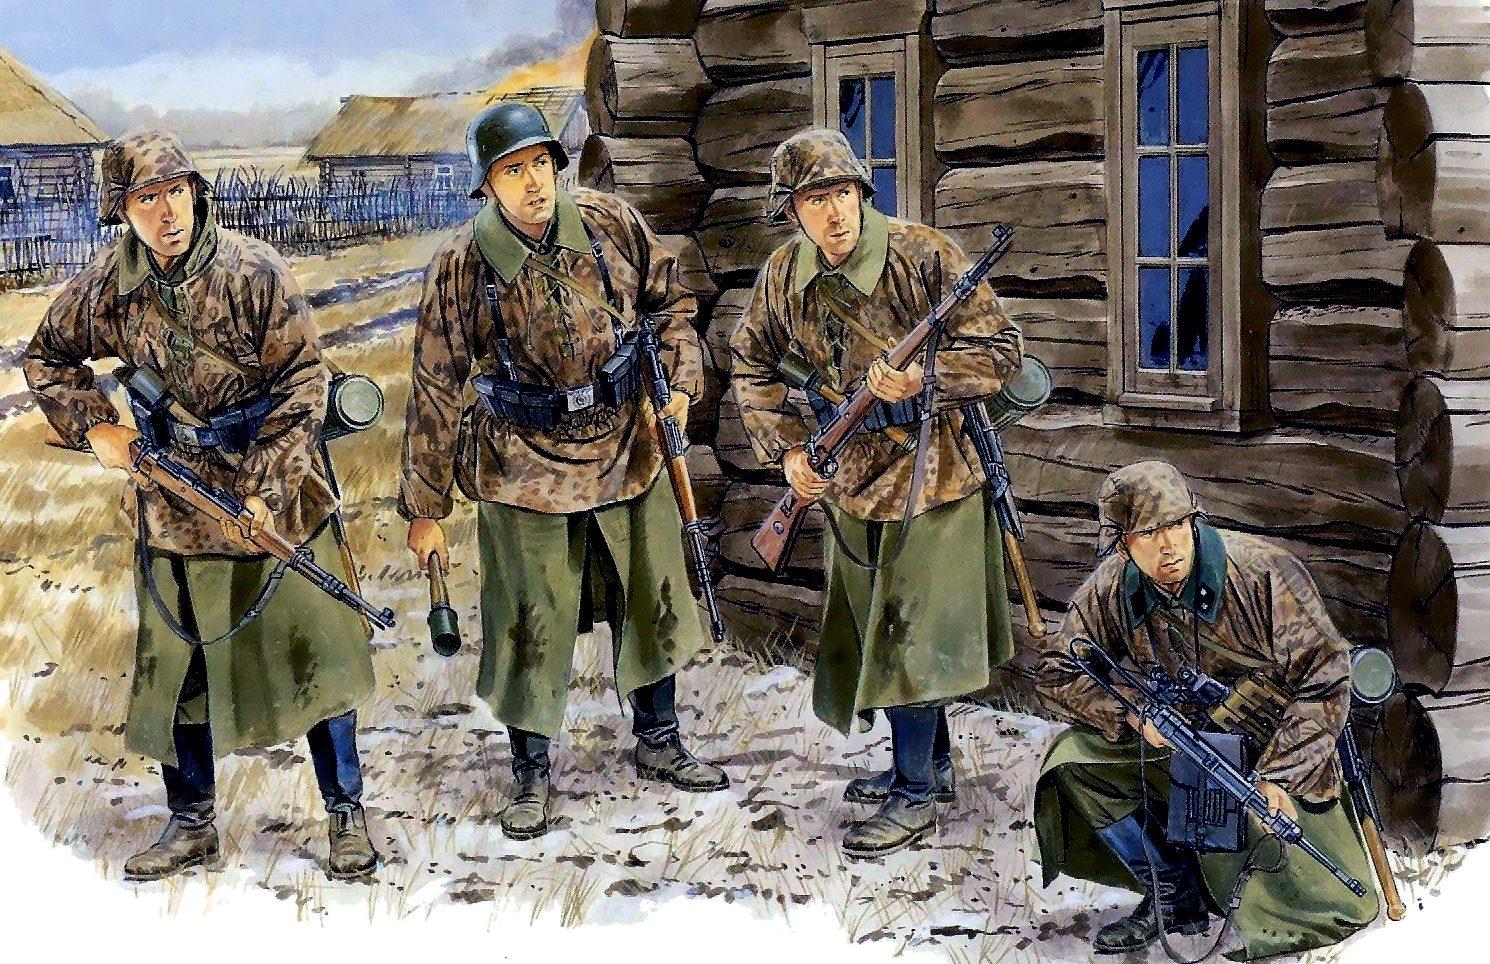 Volstad Ronald. Наступление под Москвой. 1941 г.